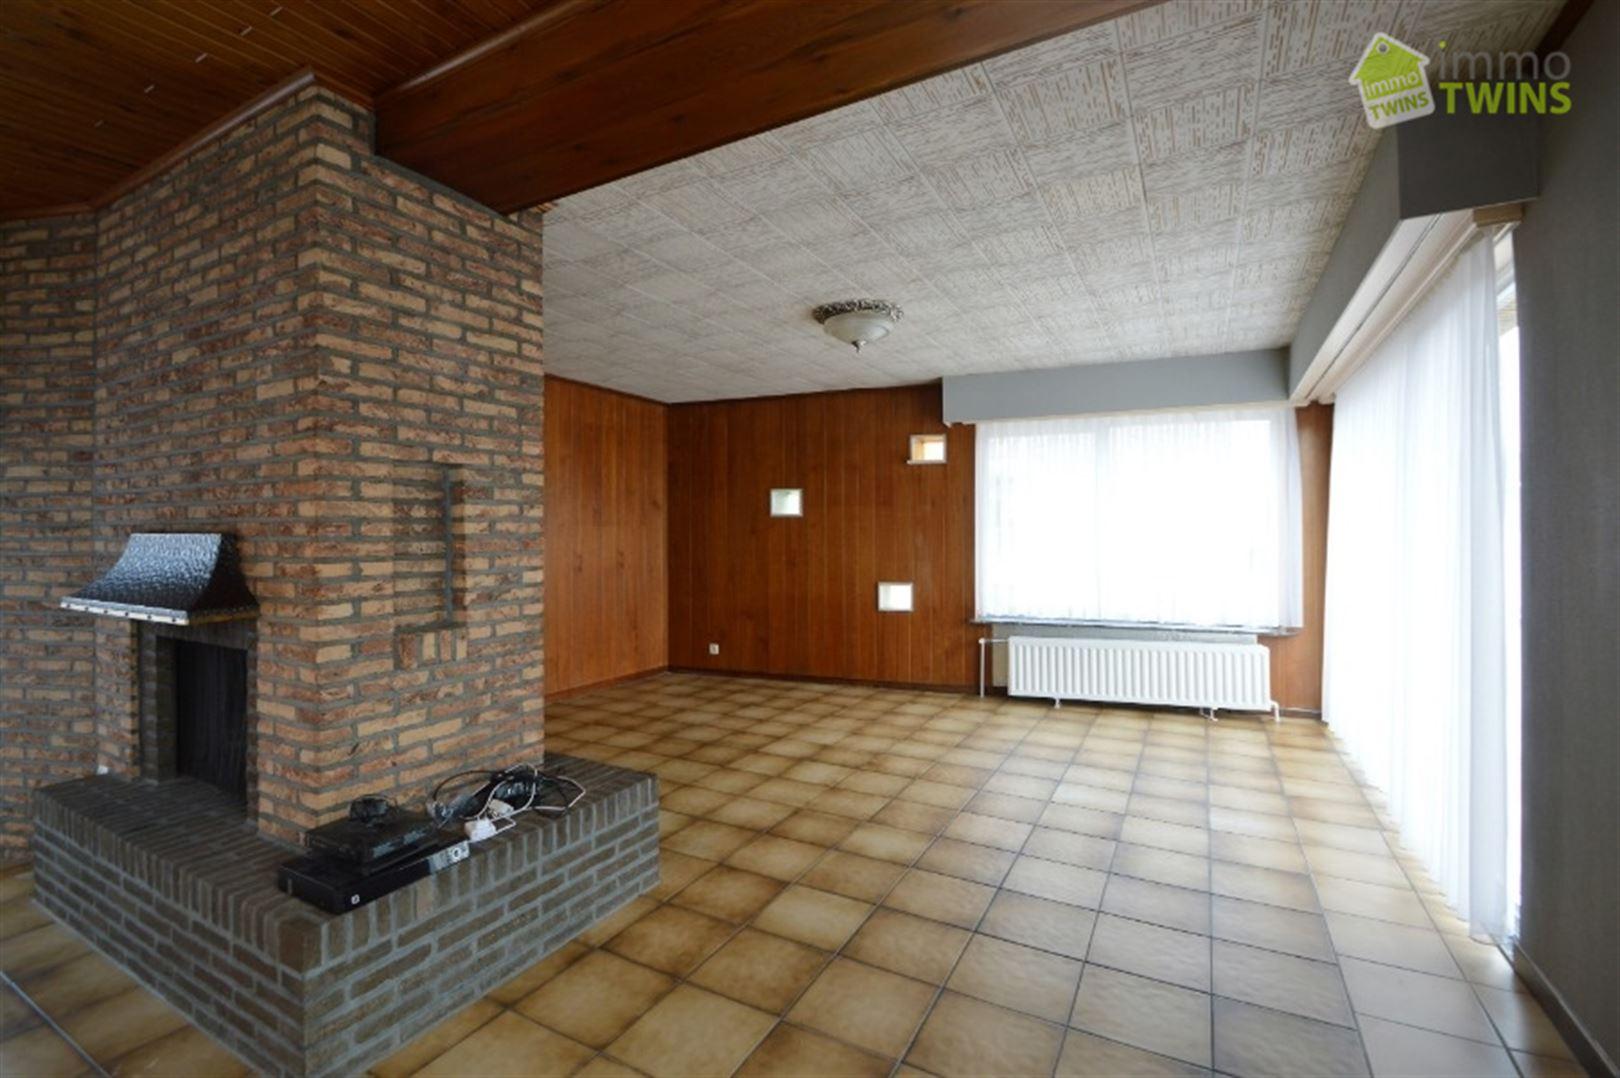 Foto 4 : Appartement te 9200 Oudegem (België) - Prijs € 700